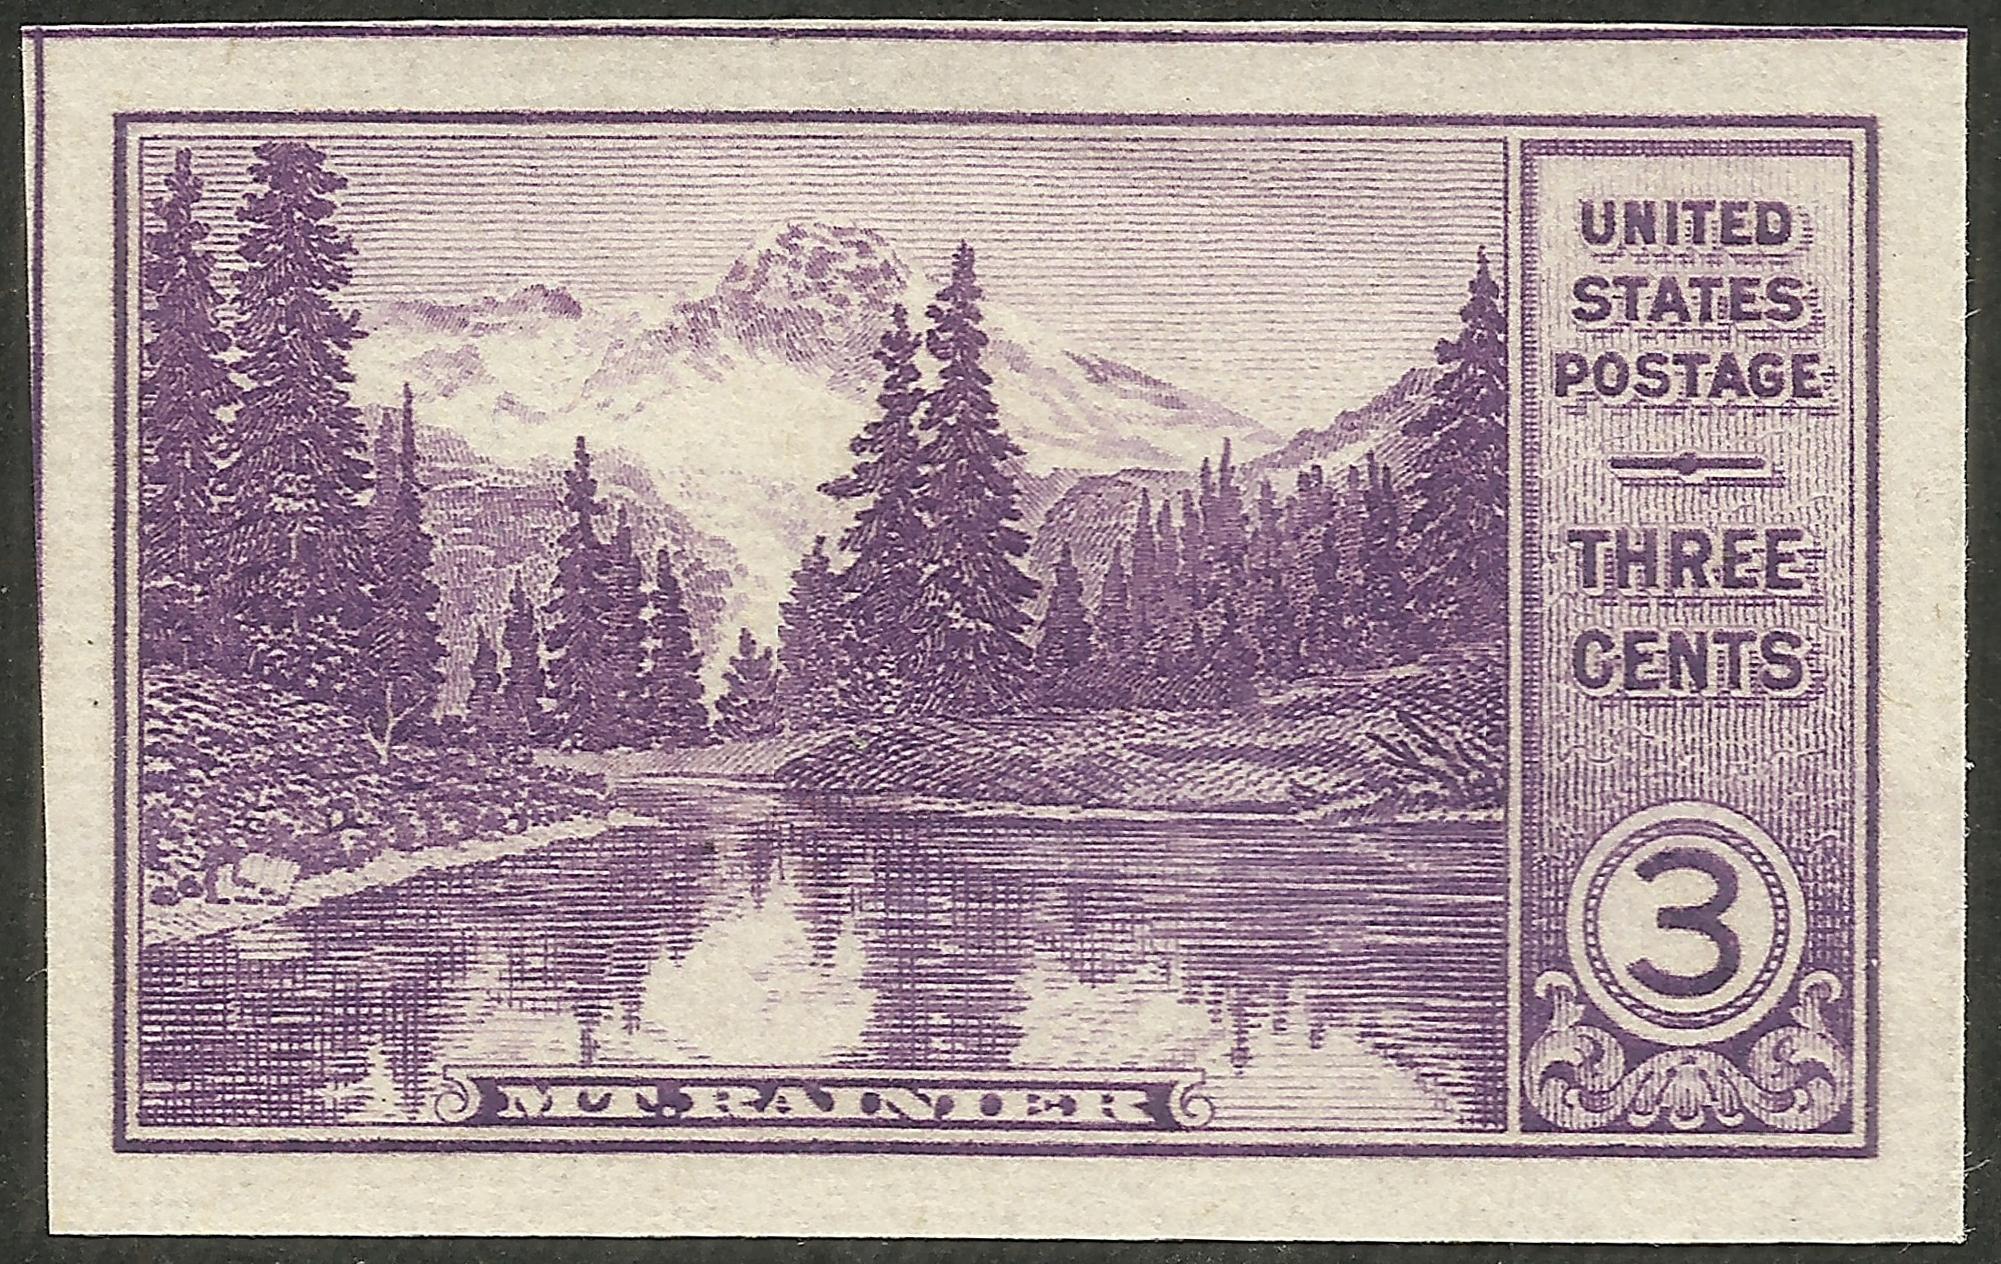 United States - Scott #758 (1935)